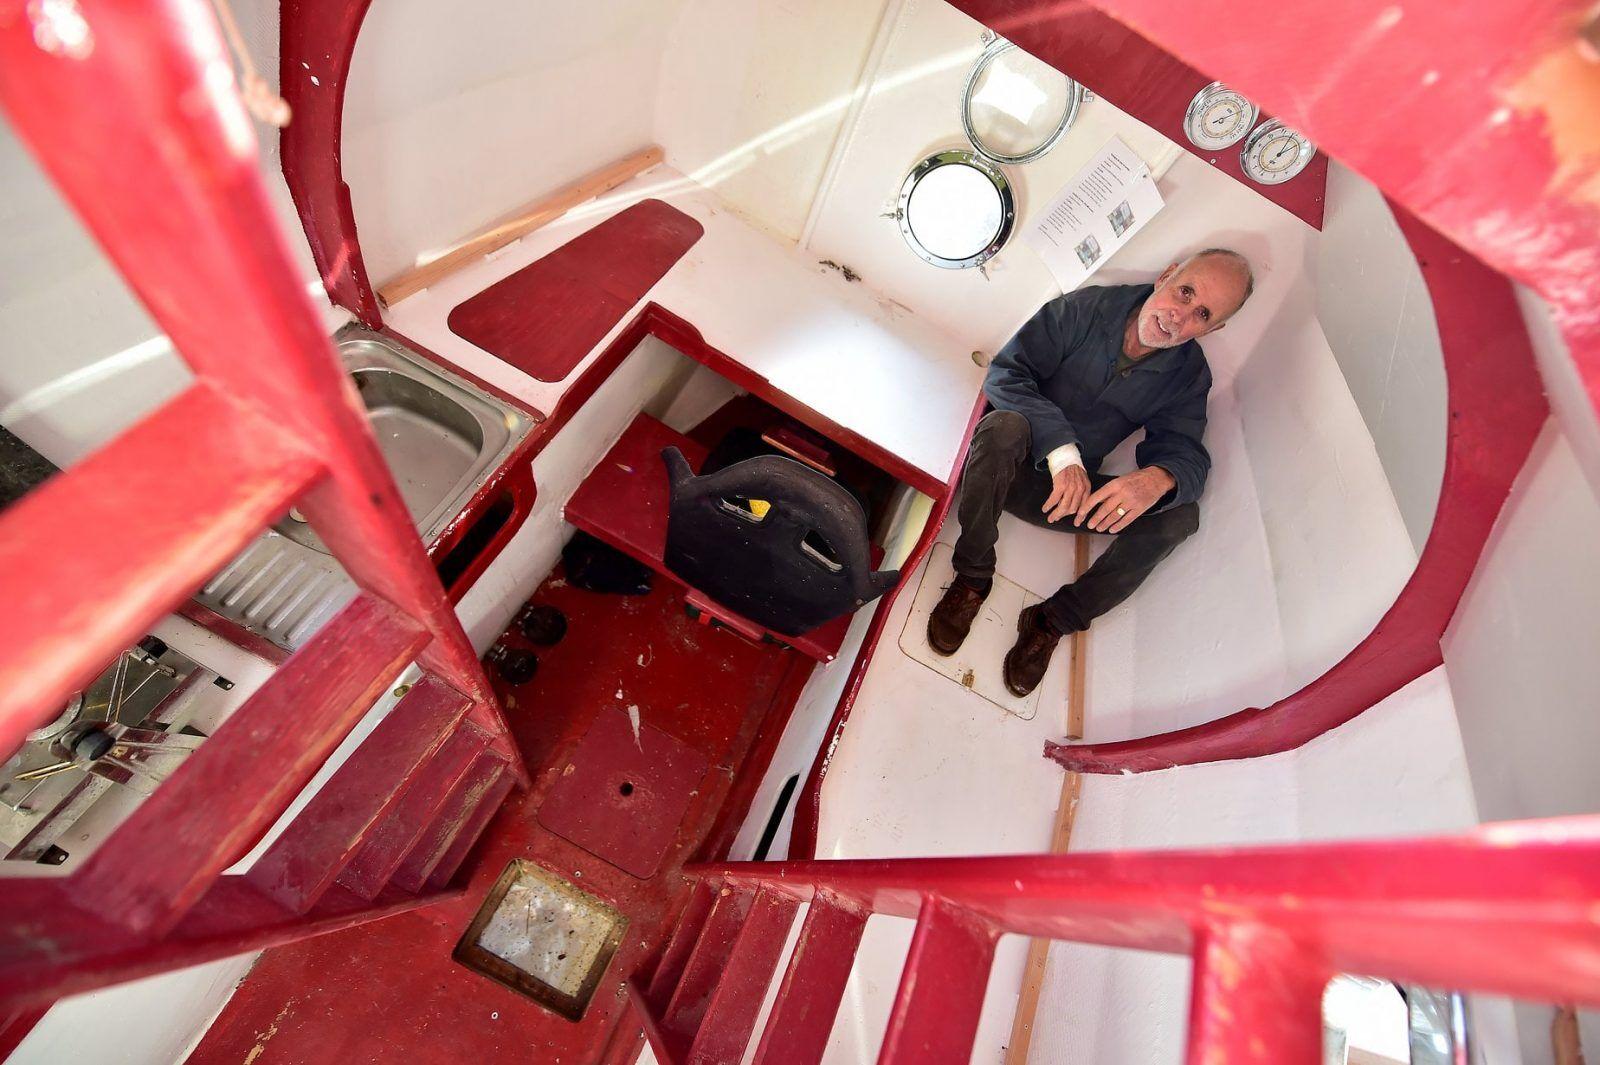 ilginc - maceracı - Varille Atlantiği Geçmeye Çalışan Maceracı